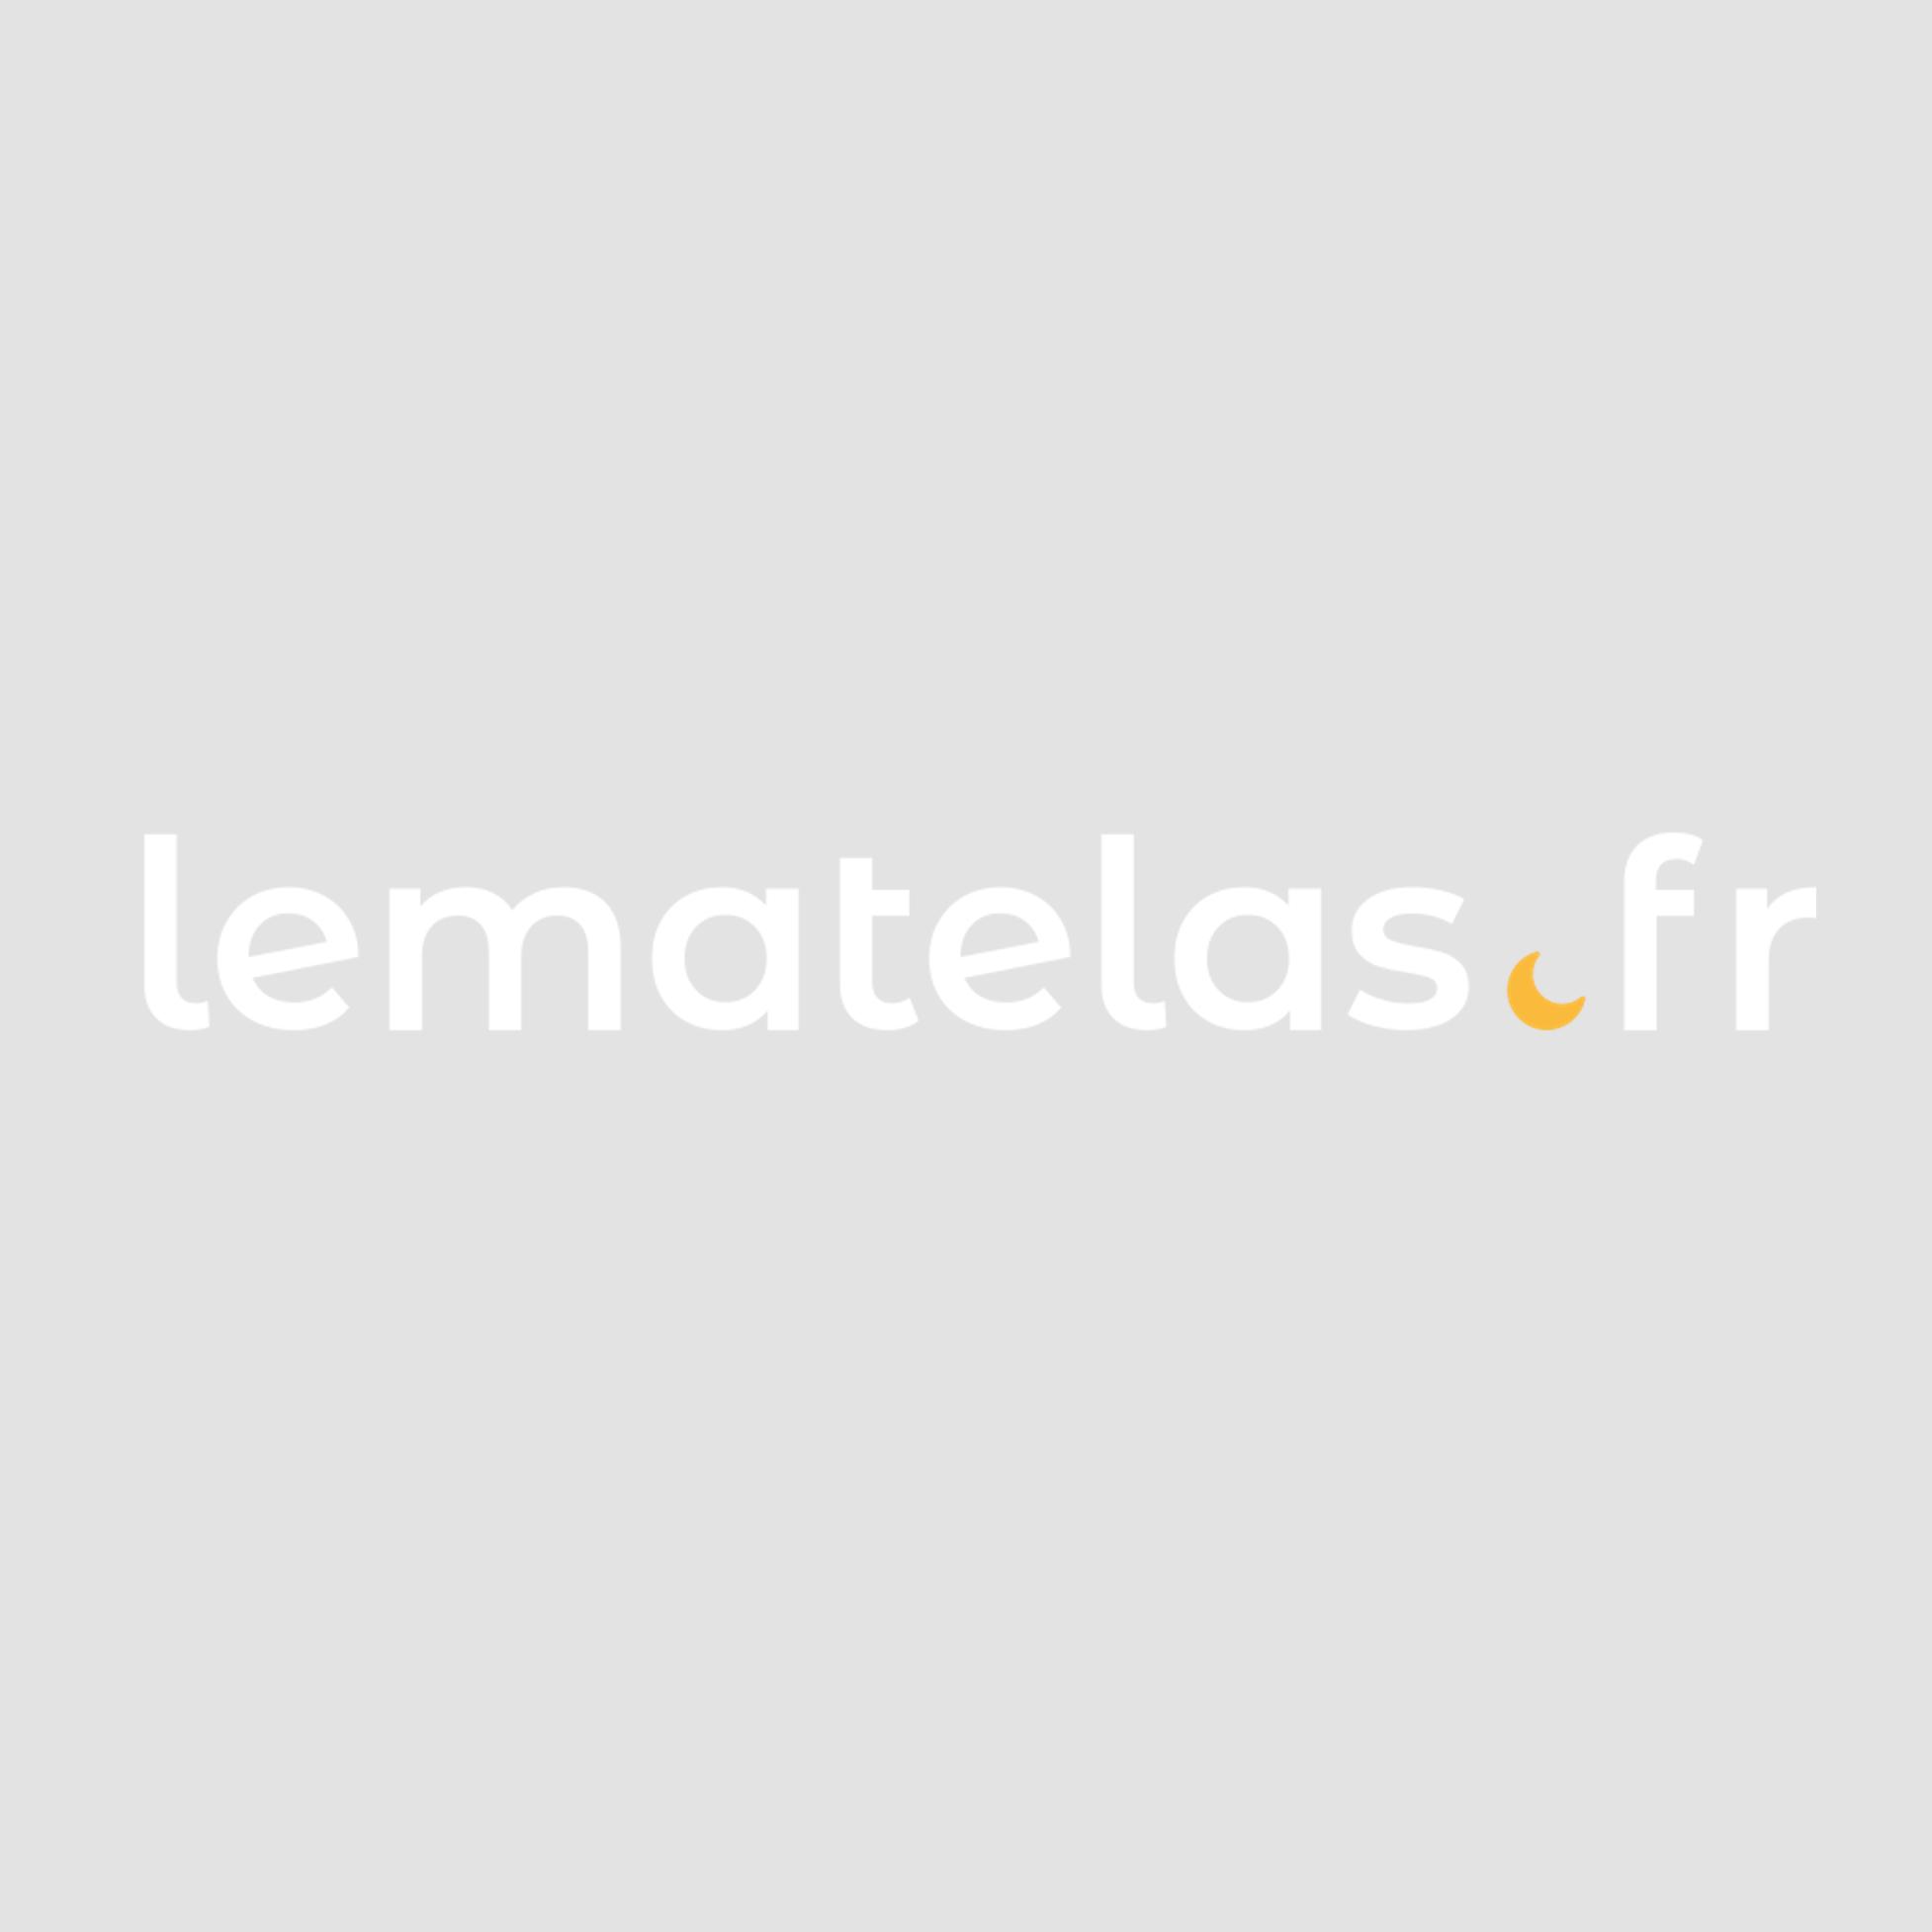 Bureau en bois - BU013